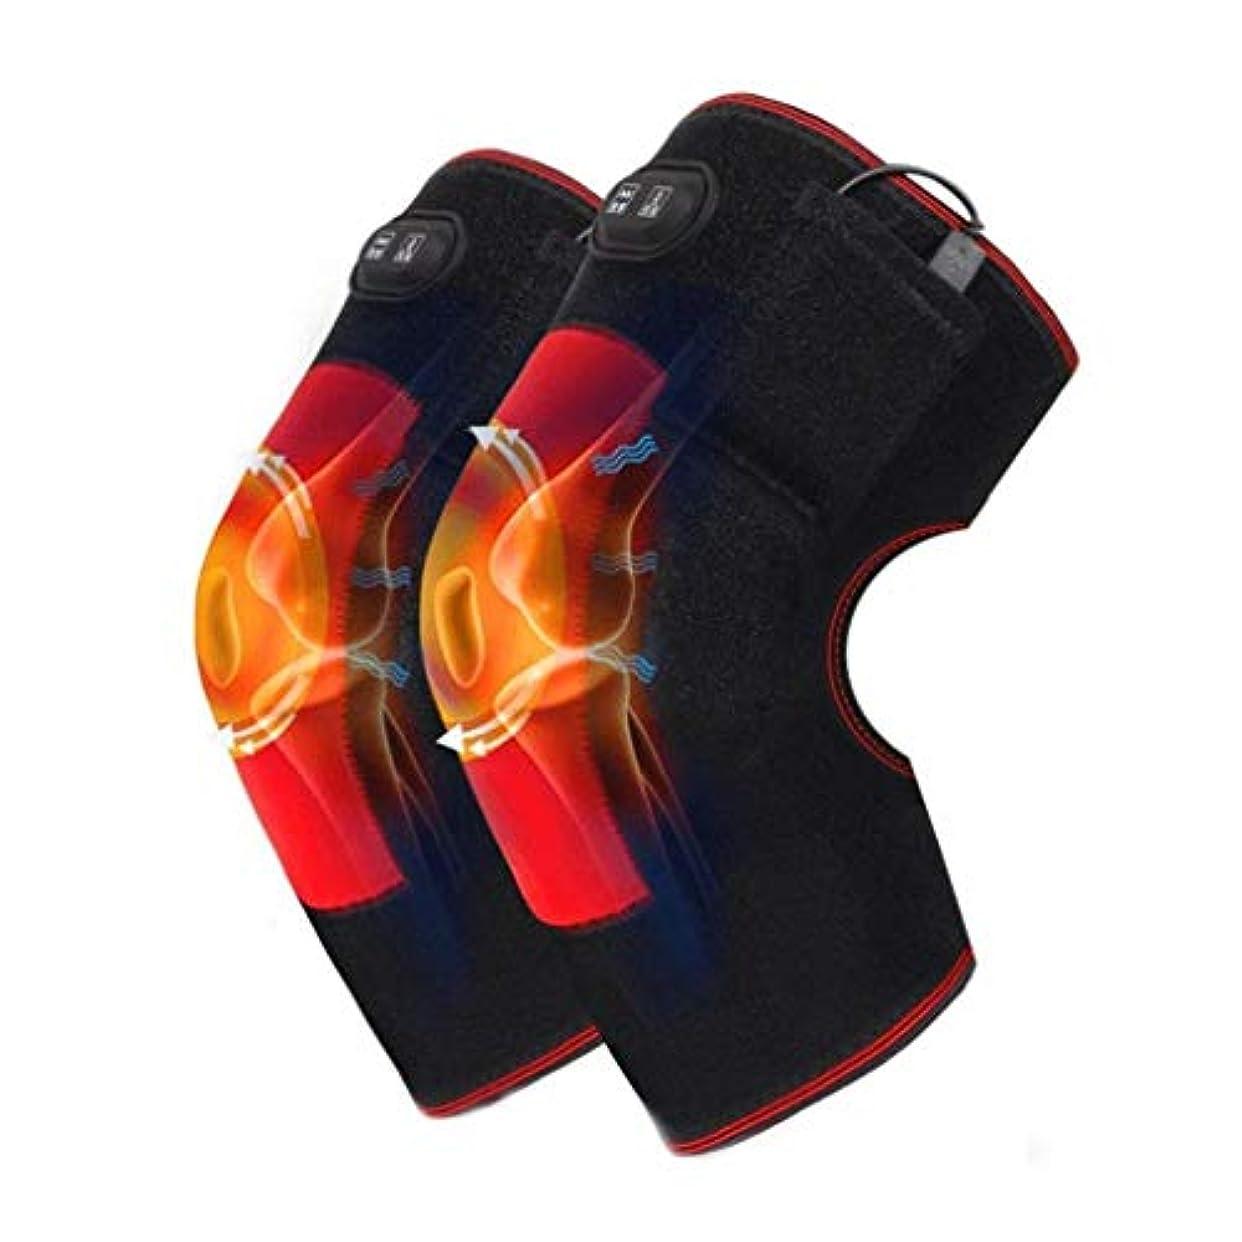 プレゼンター年胸膝圧迫スリーブ、膝巻き式温熱パッド、関節炎、慢性関節痛、腱炎、膝脱臼、涙靭帯を効果的に緩和できる